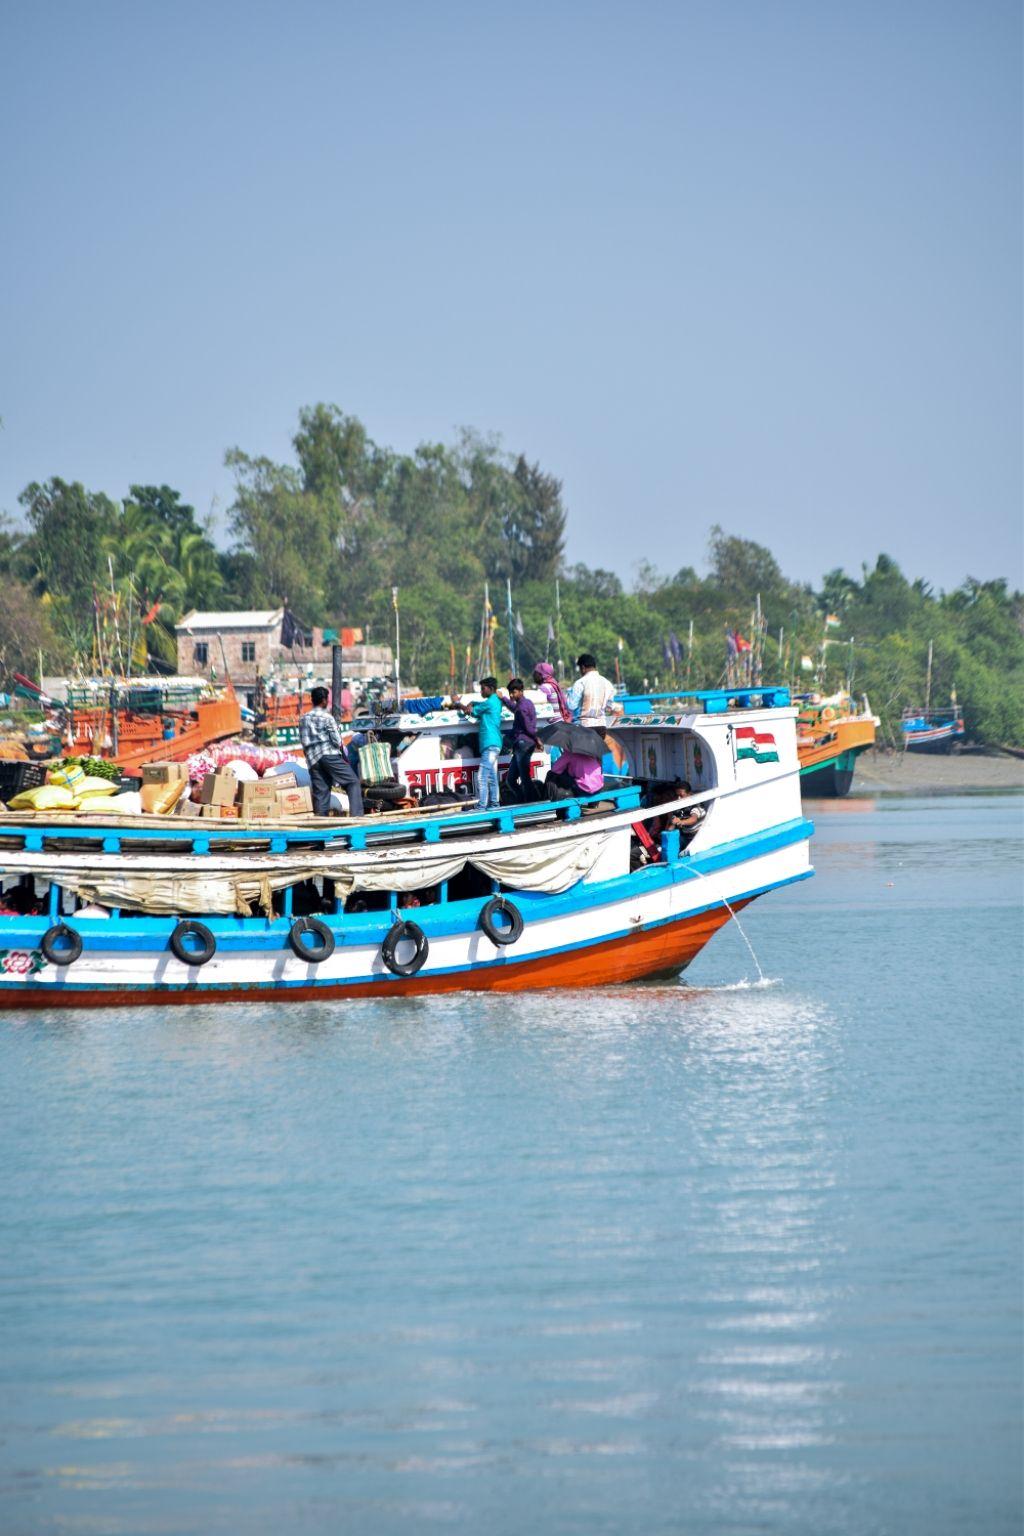 Photo of Henry Island By Madhujya Gogoi